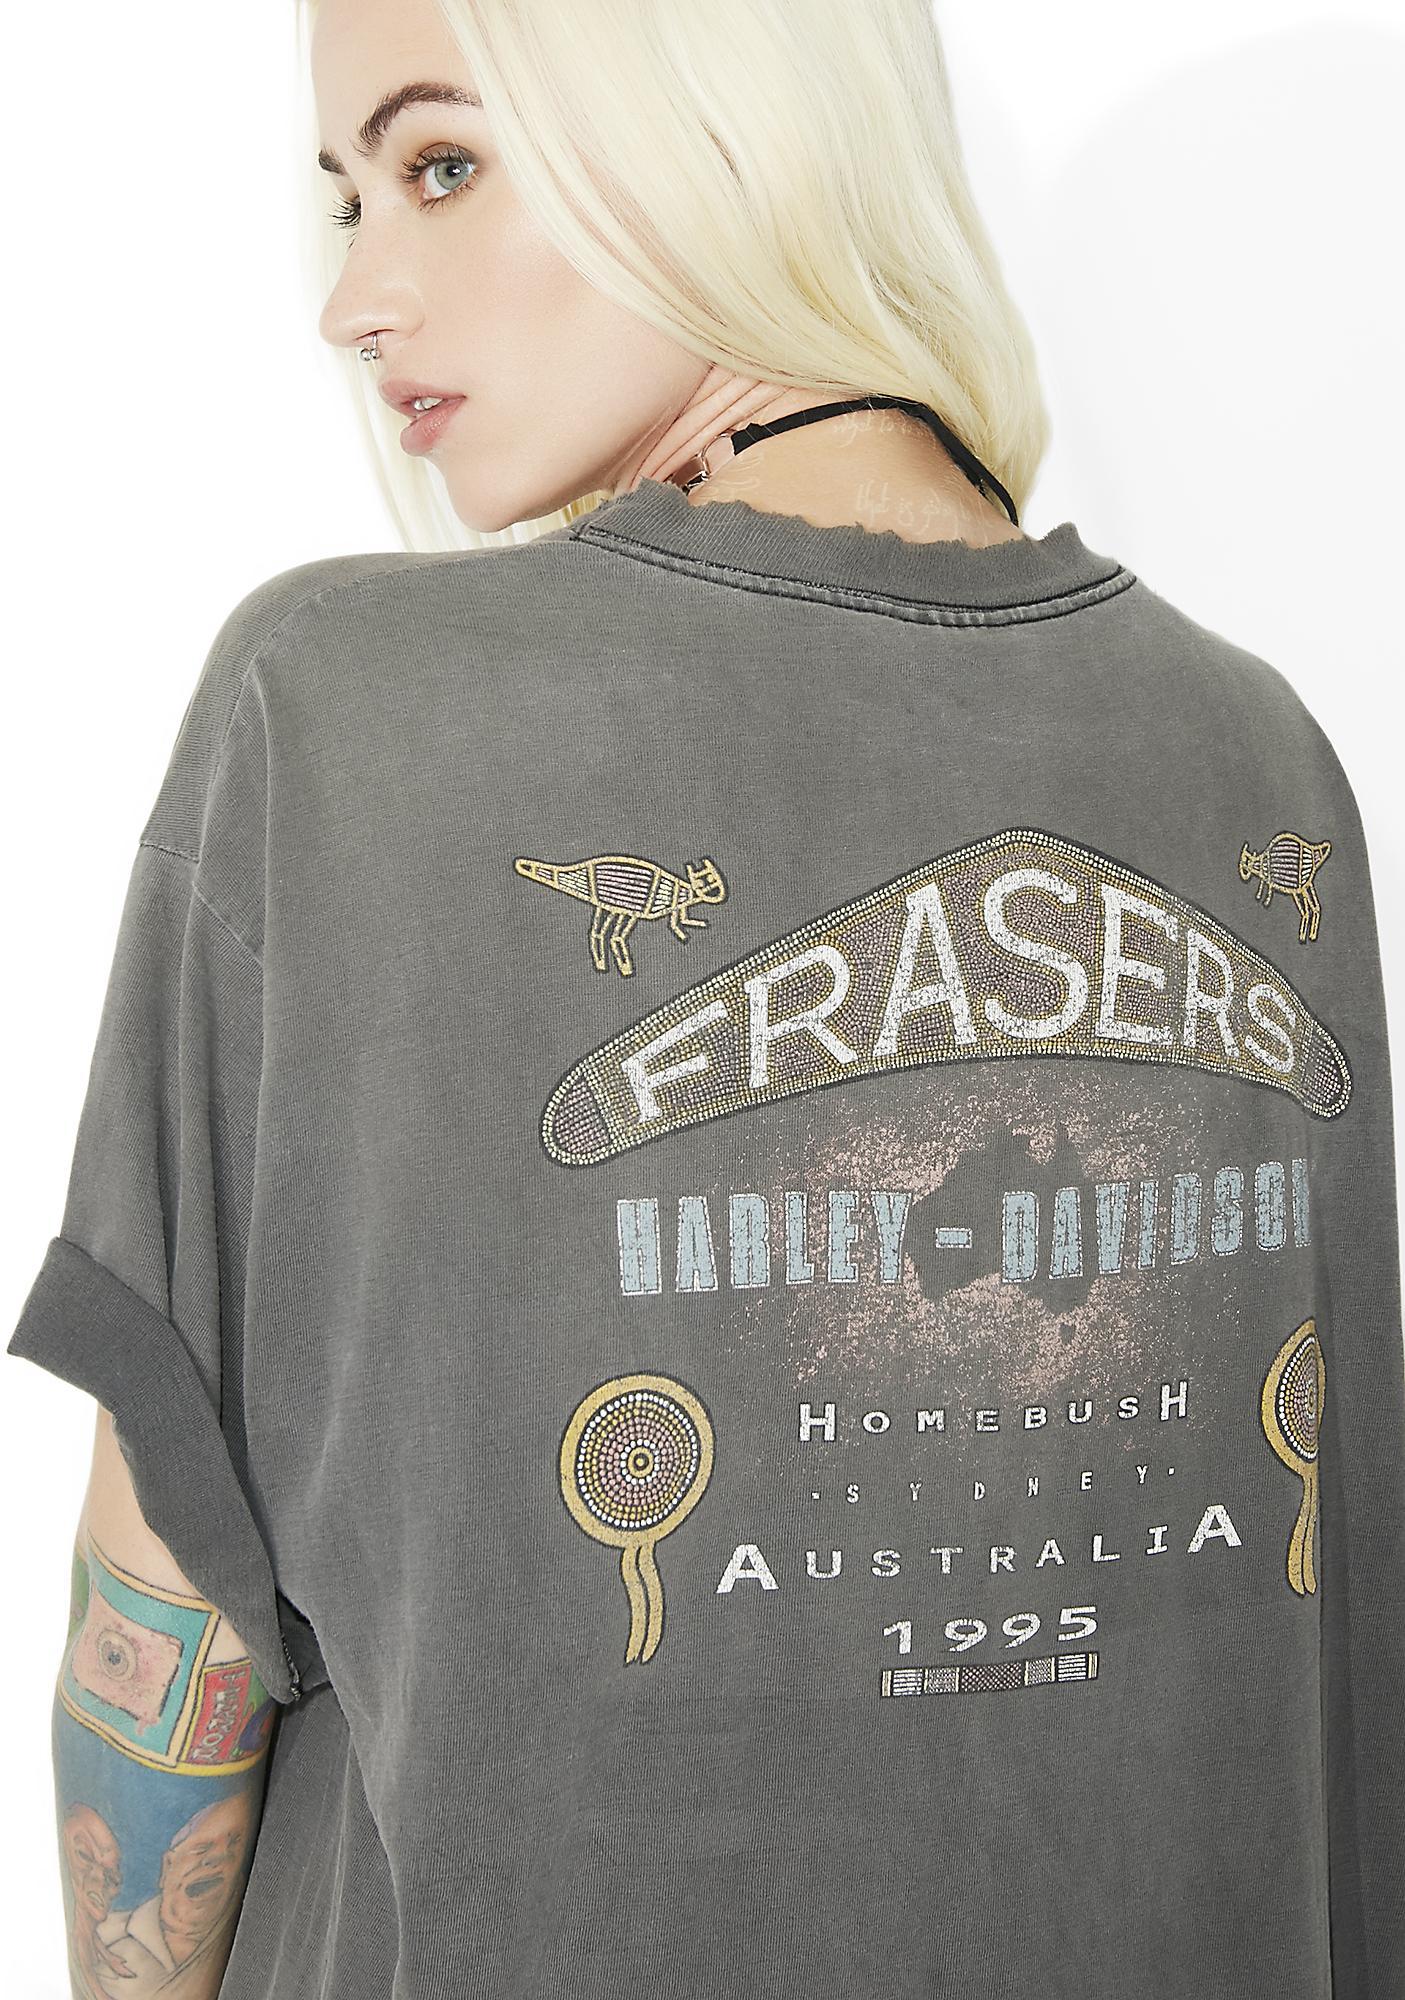 Vintage Harley Davidson Australia Tee